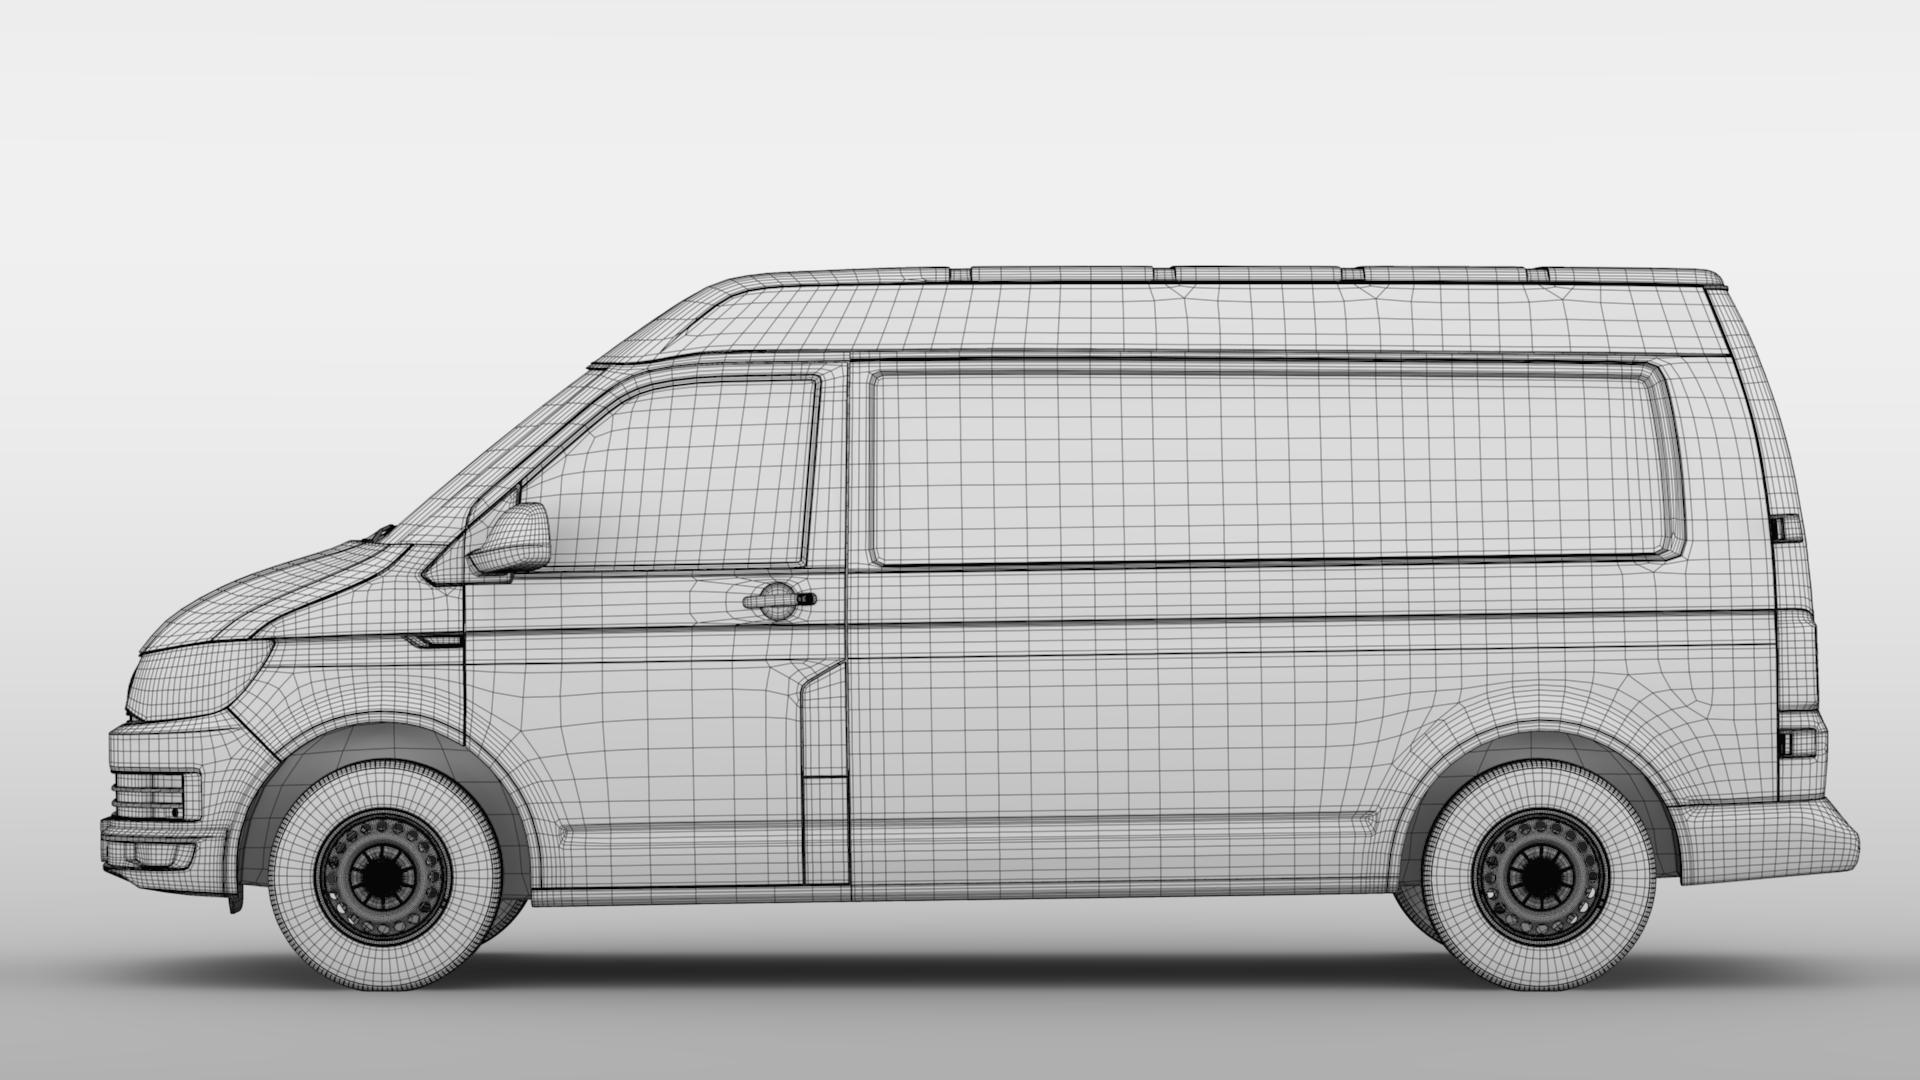 volkswagen nəqliyyat vasitəsi van l2h2 t6 2017 3d model max fbx c4d lwo ma mb hrc xsi obj 275276